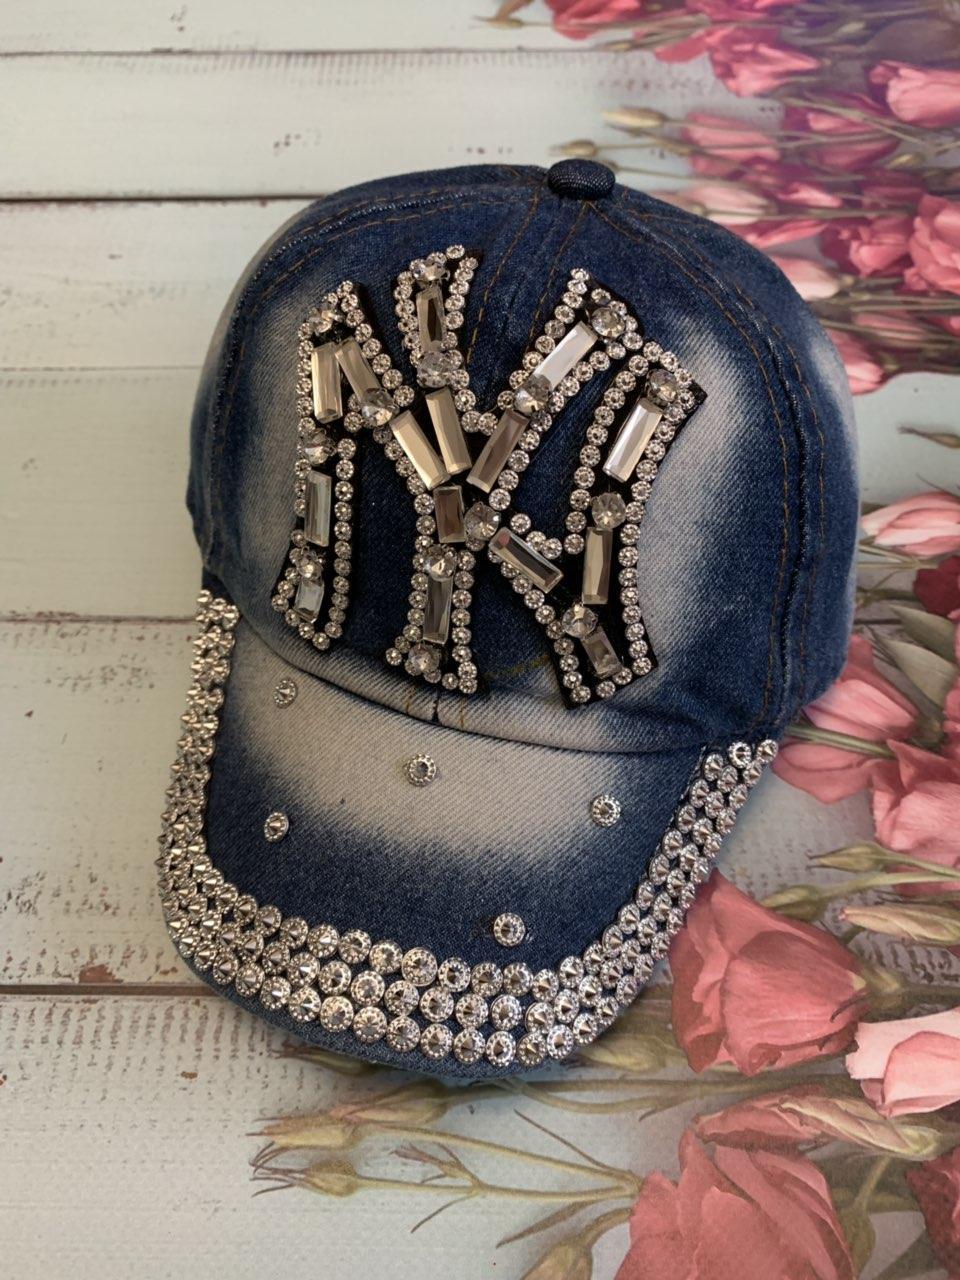 Бейсболка детская джинсовая, оптом, 7 км, головные уборы оптом, кепка девочка, кепка со стразами